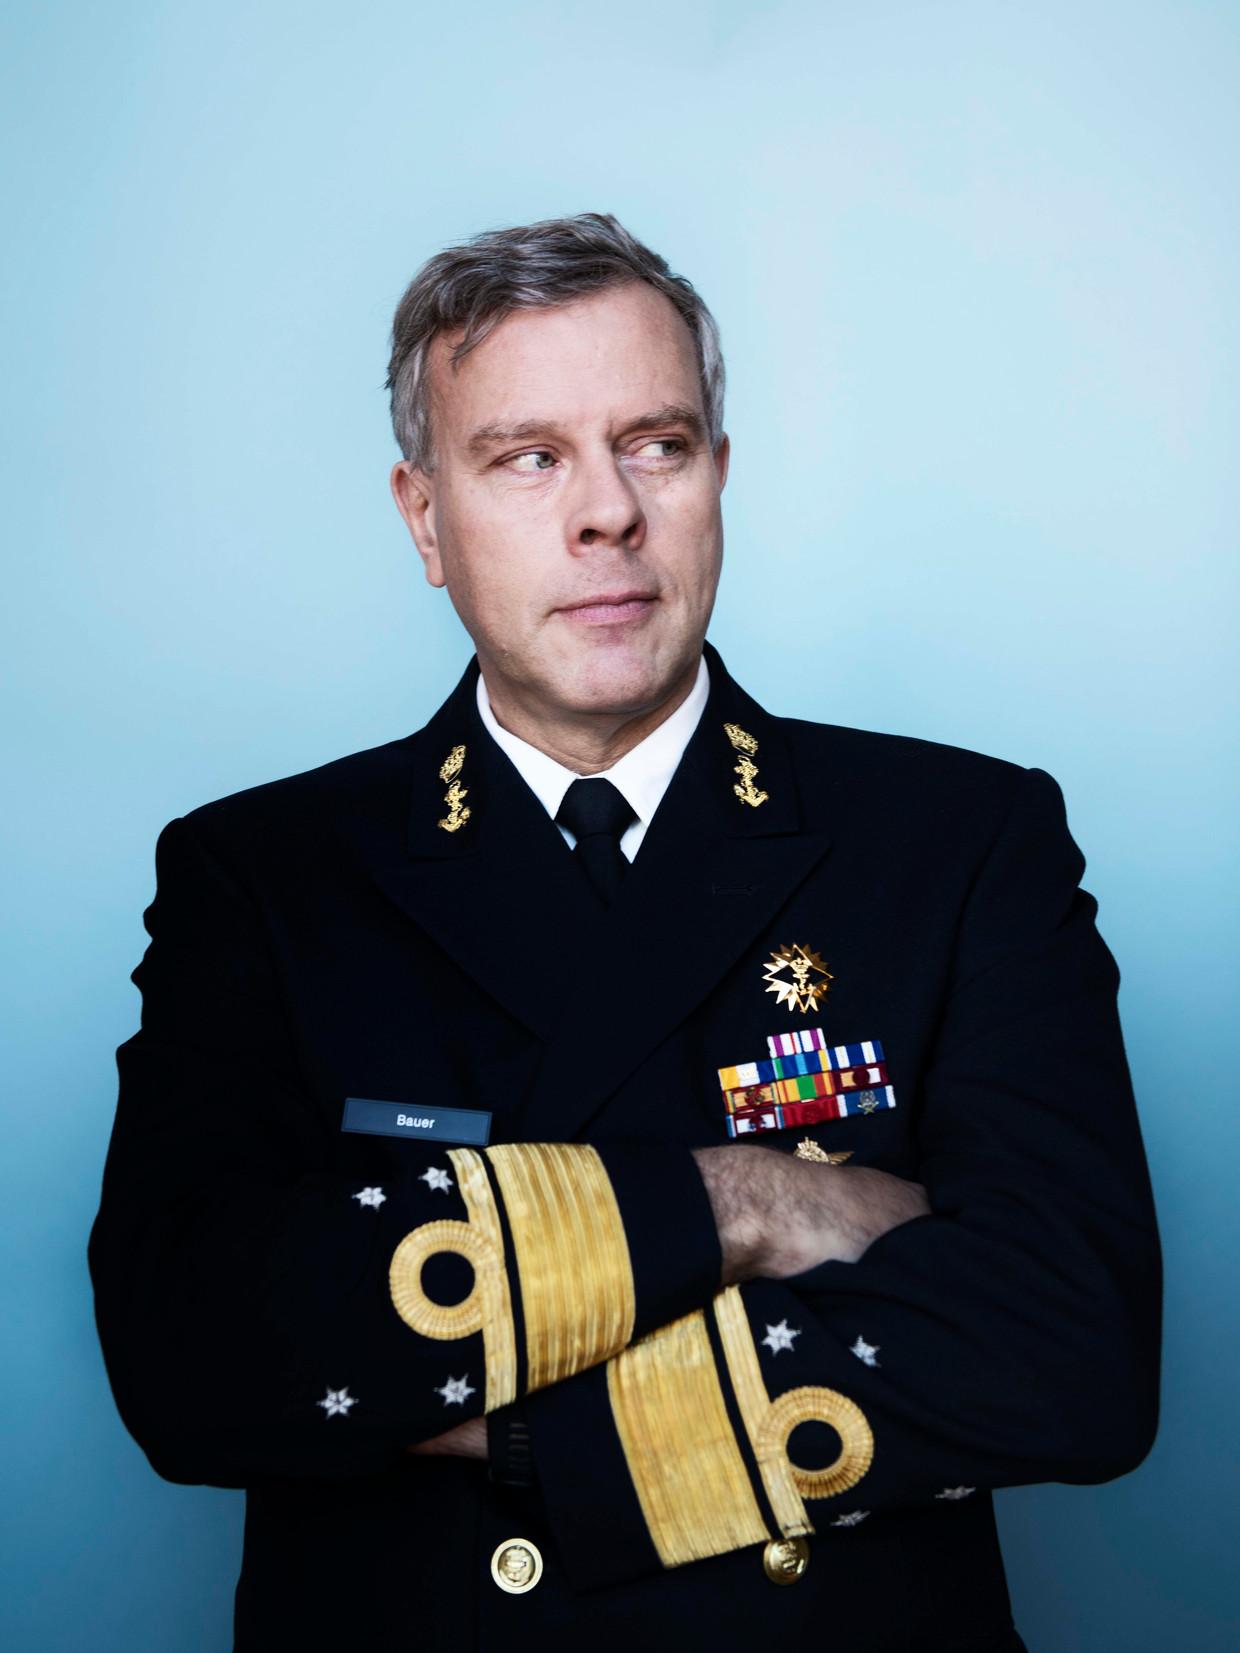 Admiraal Rob Bauer neemt afscheid als commandant der strijdkrachten. Hij is benoemd tot voorzitter van het NATO Military Committee. Beeld Kiki Groot